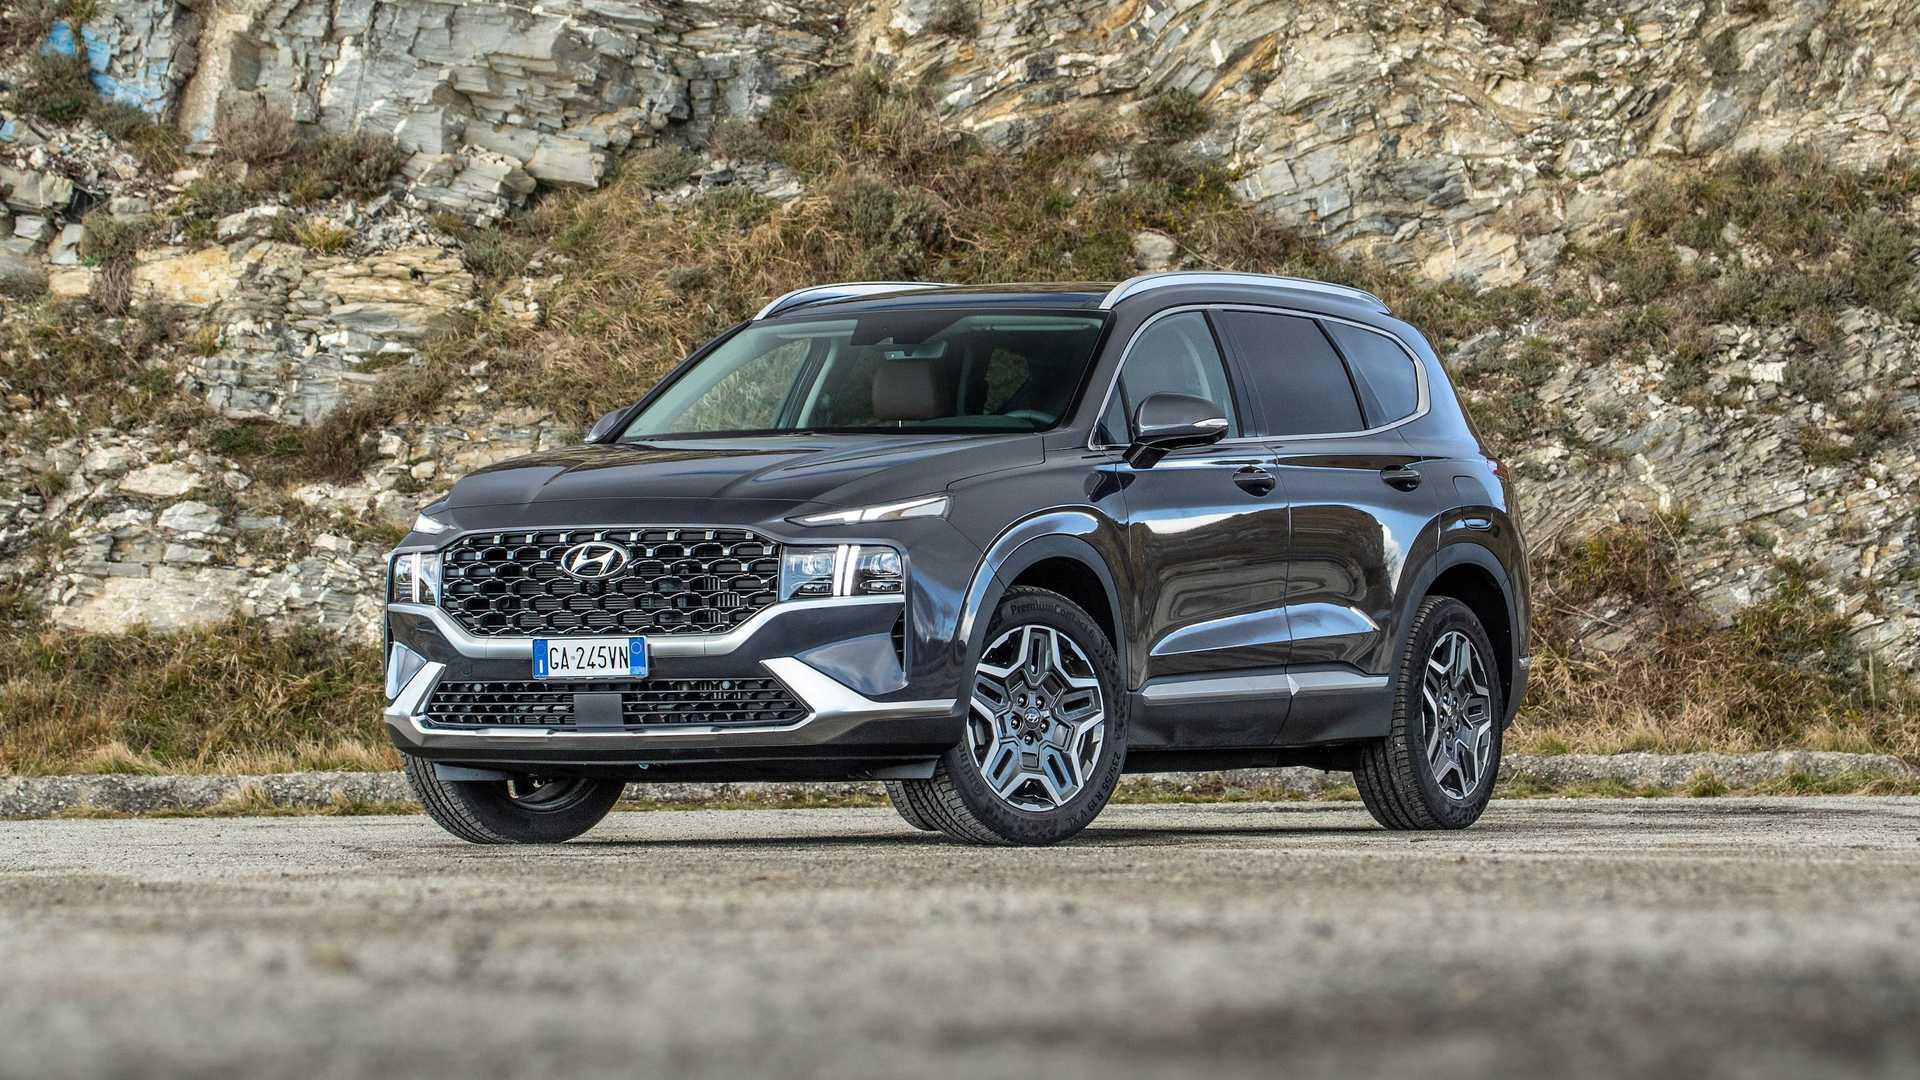 Nuova Hyundai Santa Fe arriva in Italia con una serie speciale a 7 posti